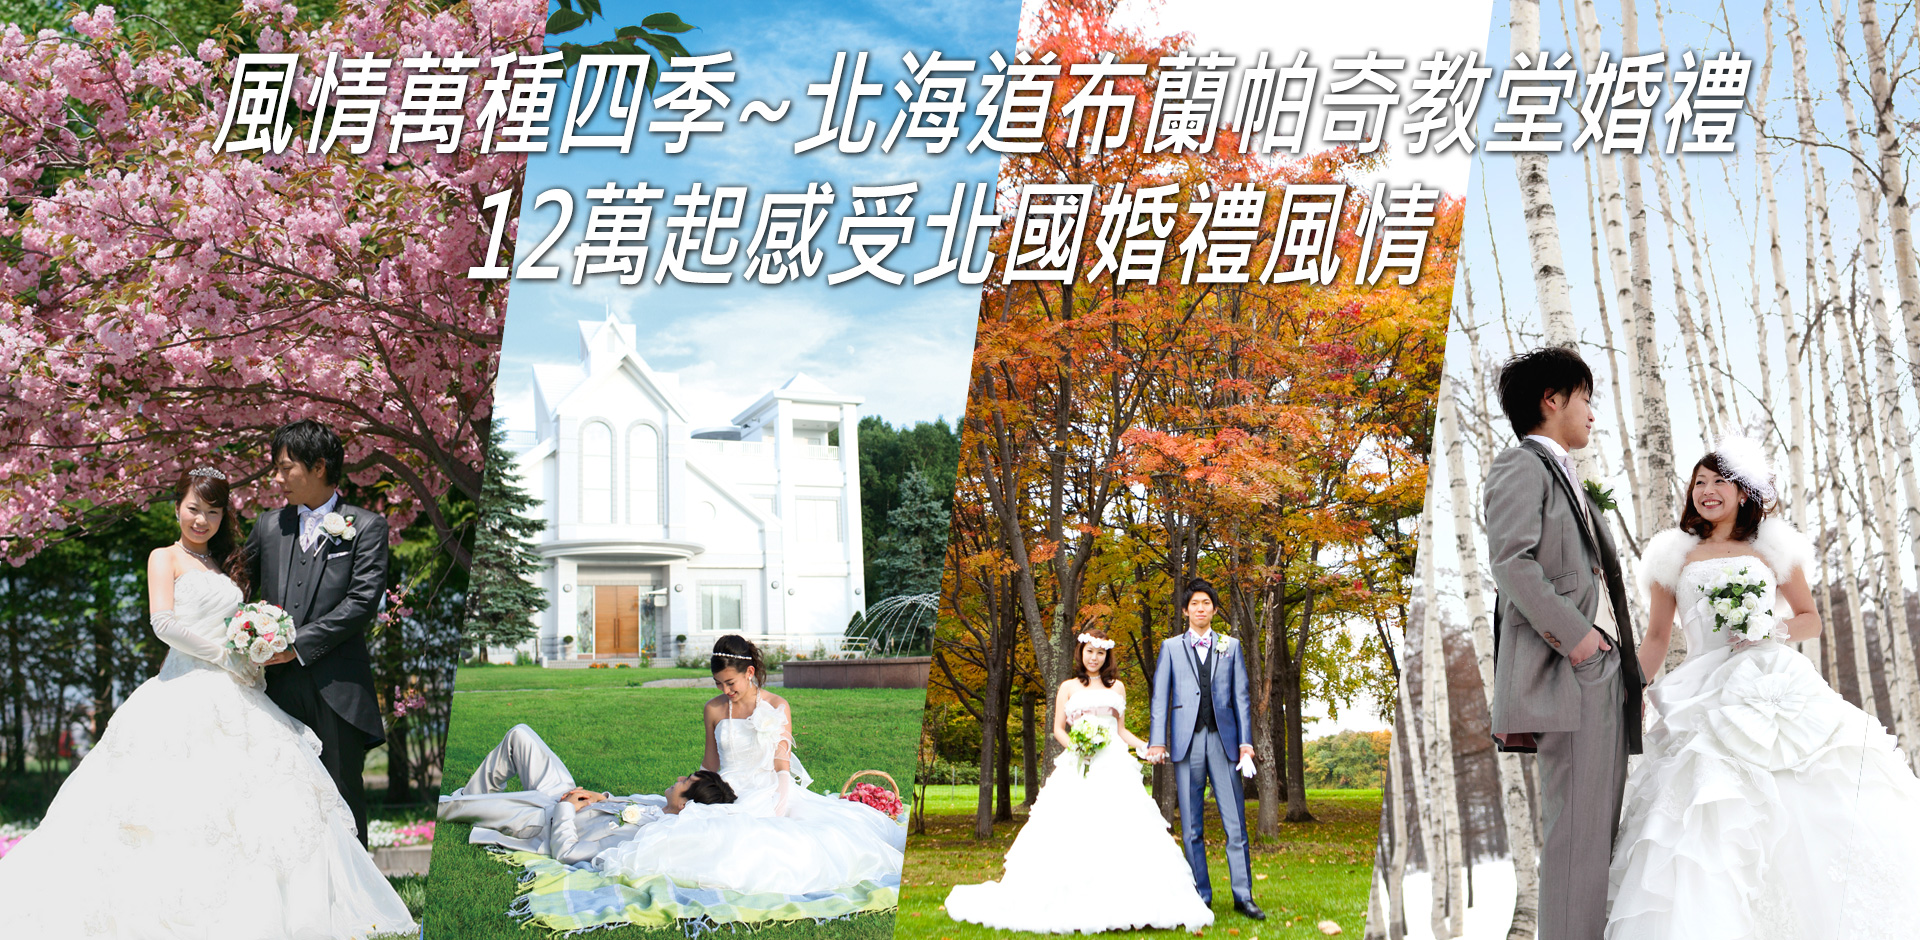 風情萬種四季~北海道布蘭帕奇教堂婚禮,12萬起感受北國婚禮風情